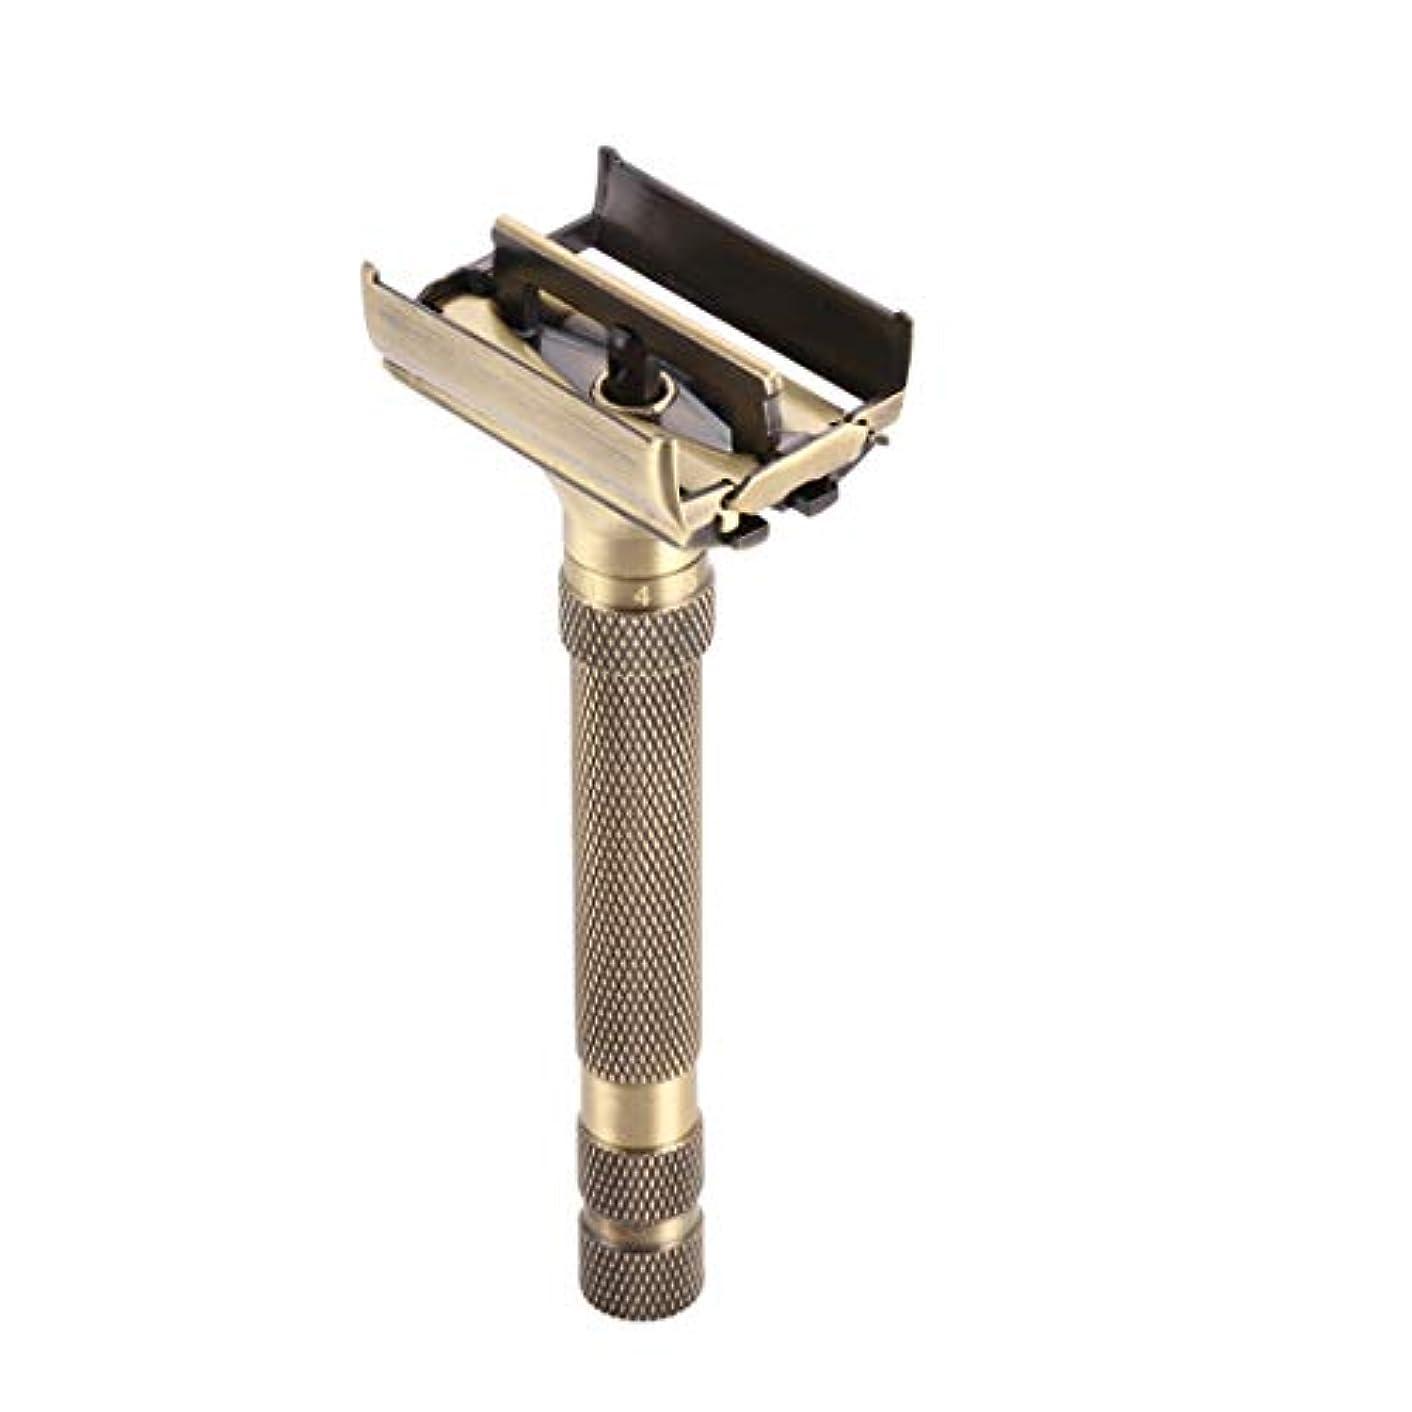 初心者スイッチしなやかクラシックダブルエッジカミソリ真鍮両面手動かみそり ブレード露出調整可能 ダブルエッジ 安全レイザー 替刃5個付